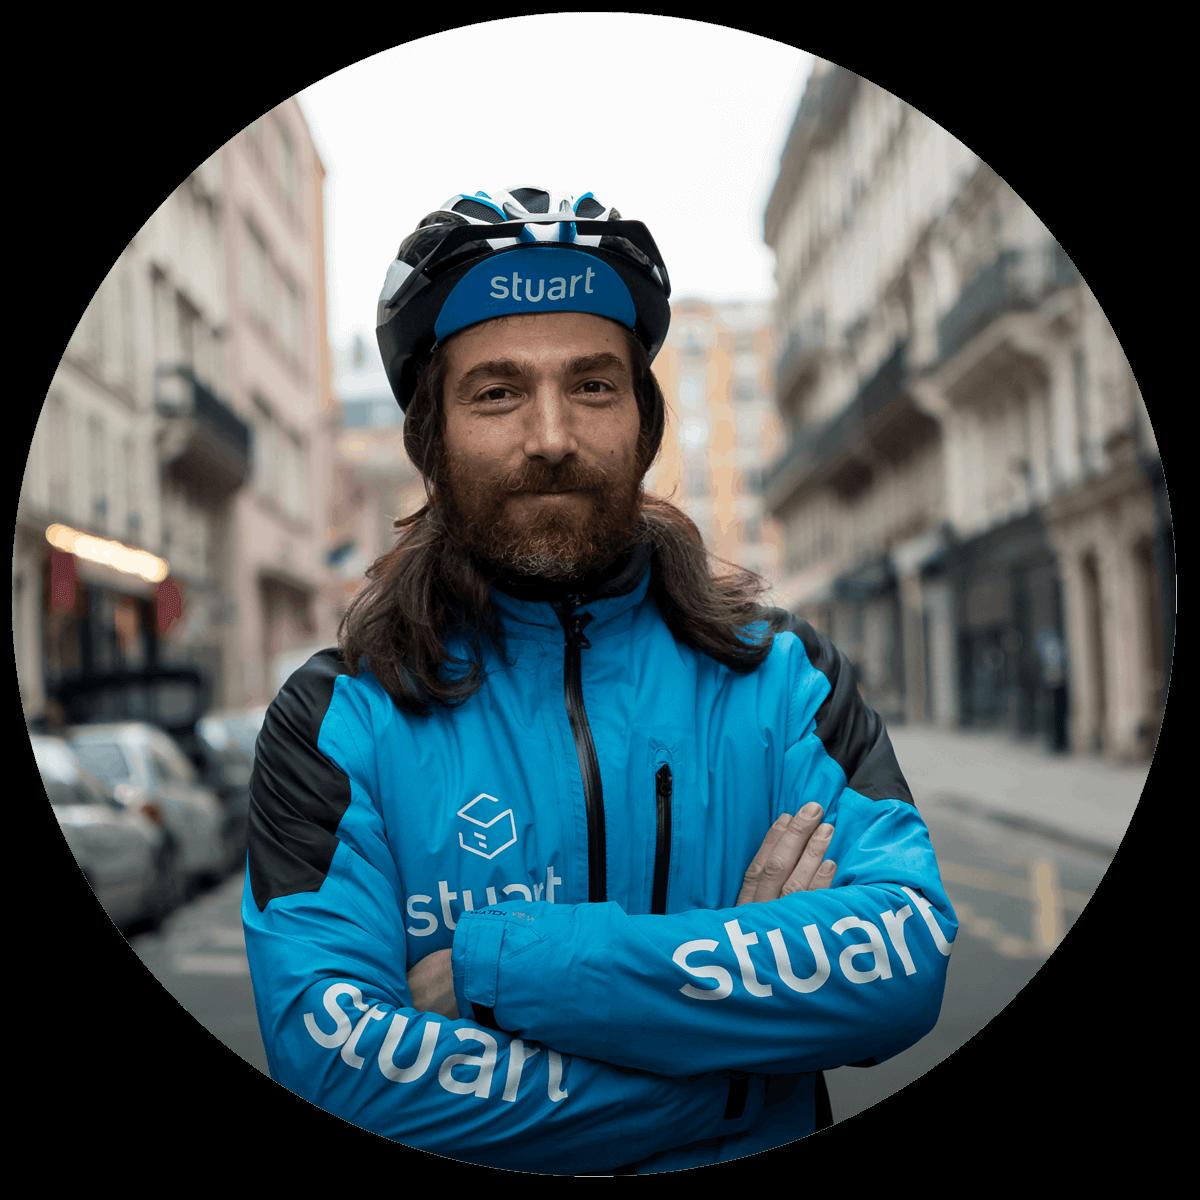 stuart coursiers vélo partenariats